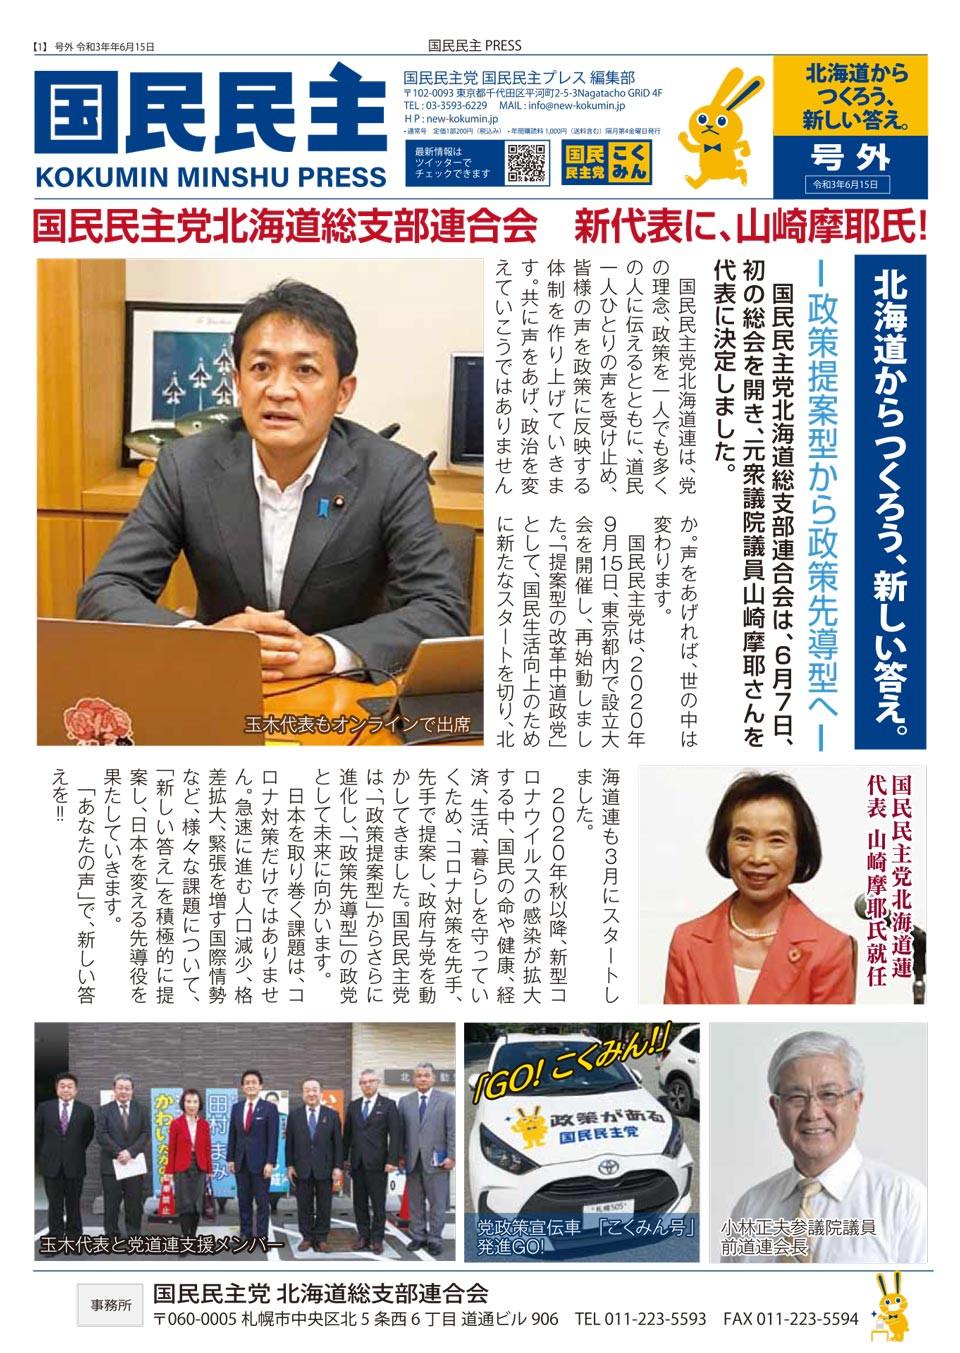 国民民主党北海道総支部連合会 新代表「山崎摩耶」就任